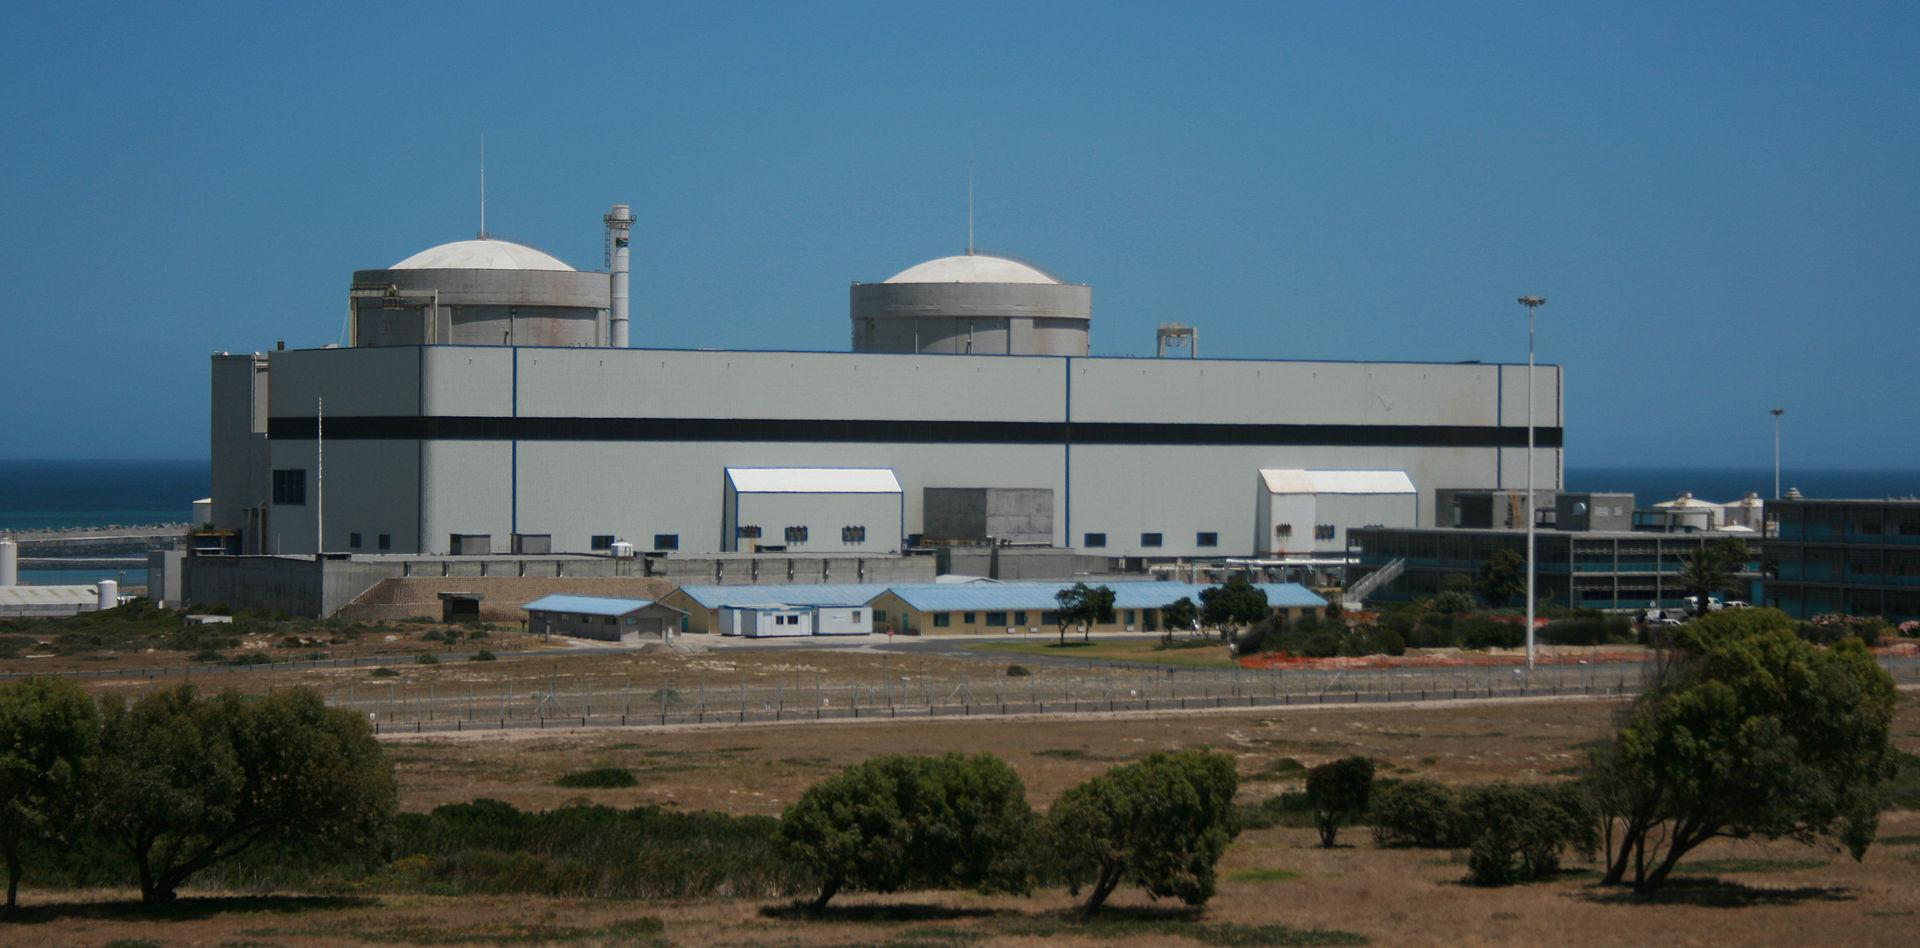 Afrika na pokraji jaderné revoluce?